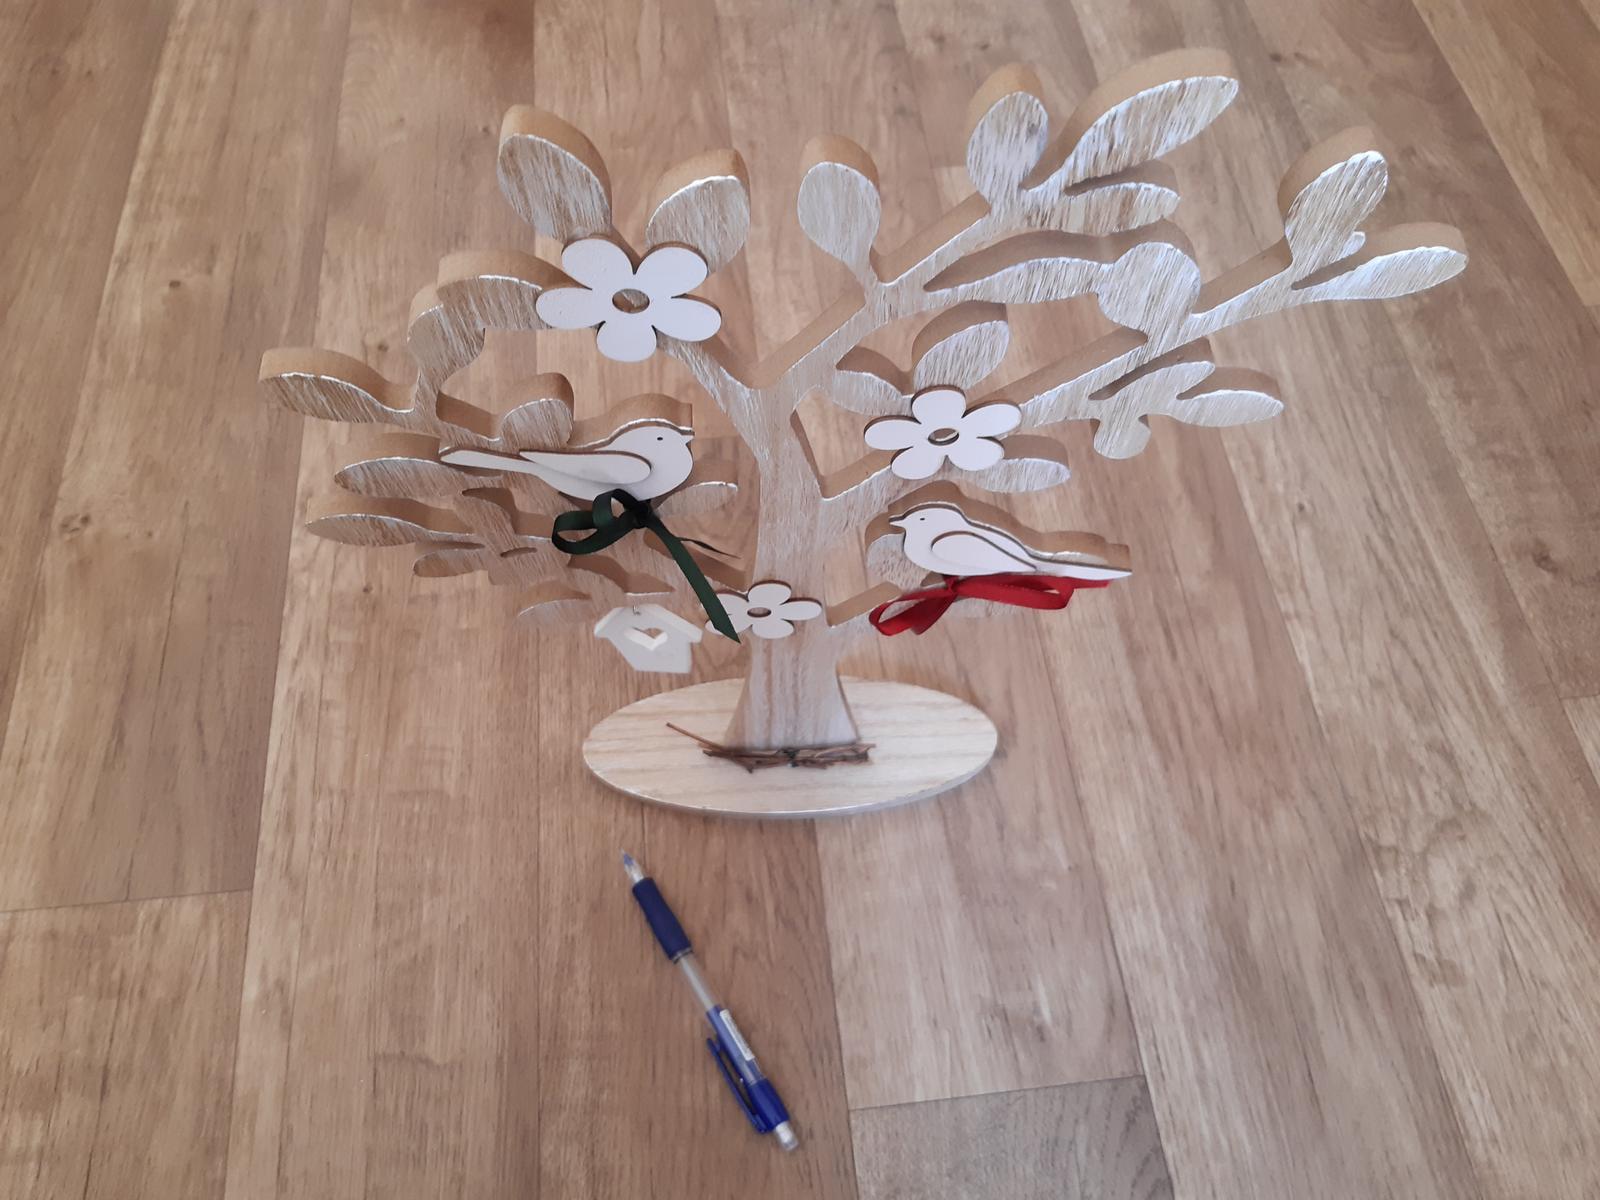 dřevěný strom, dekorace s ptáčky - Obrázek č. 2